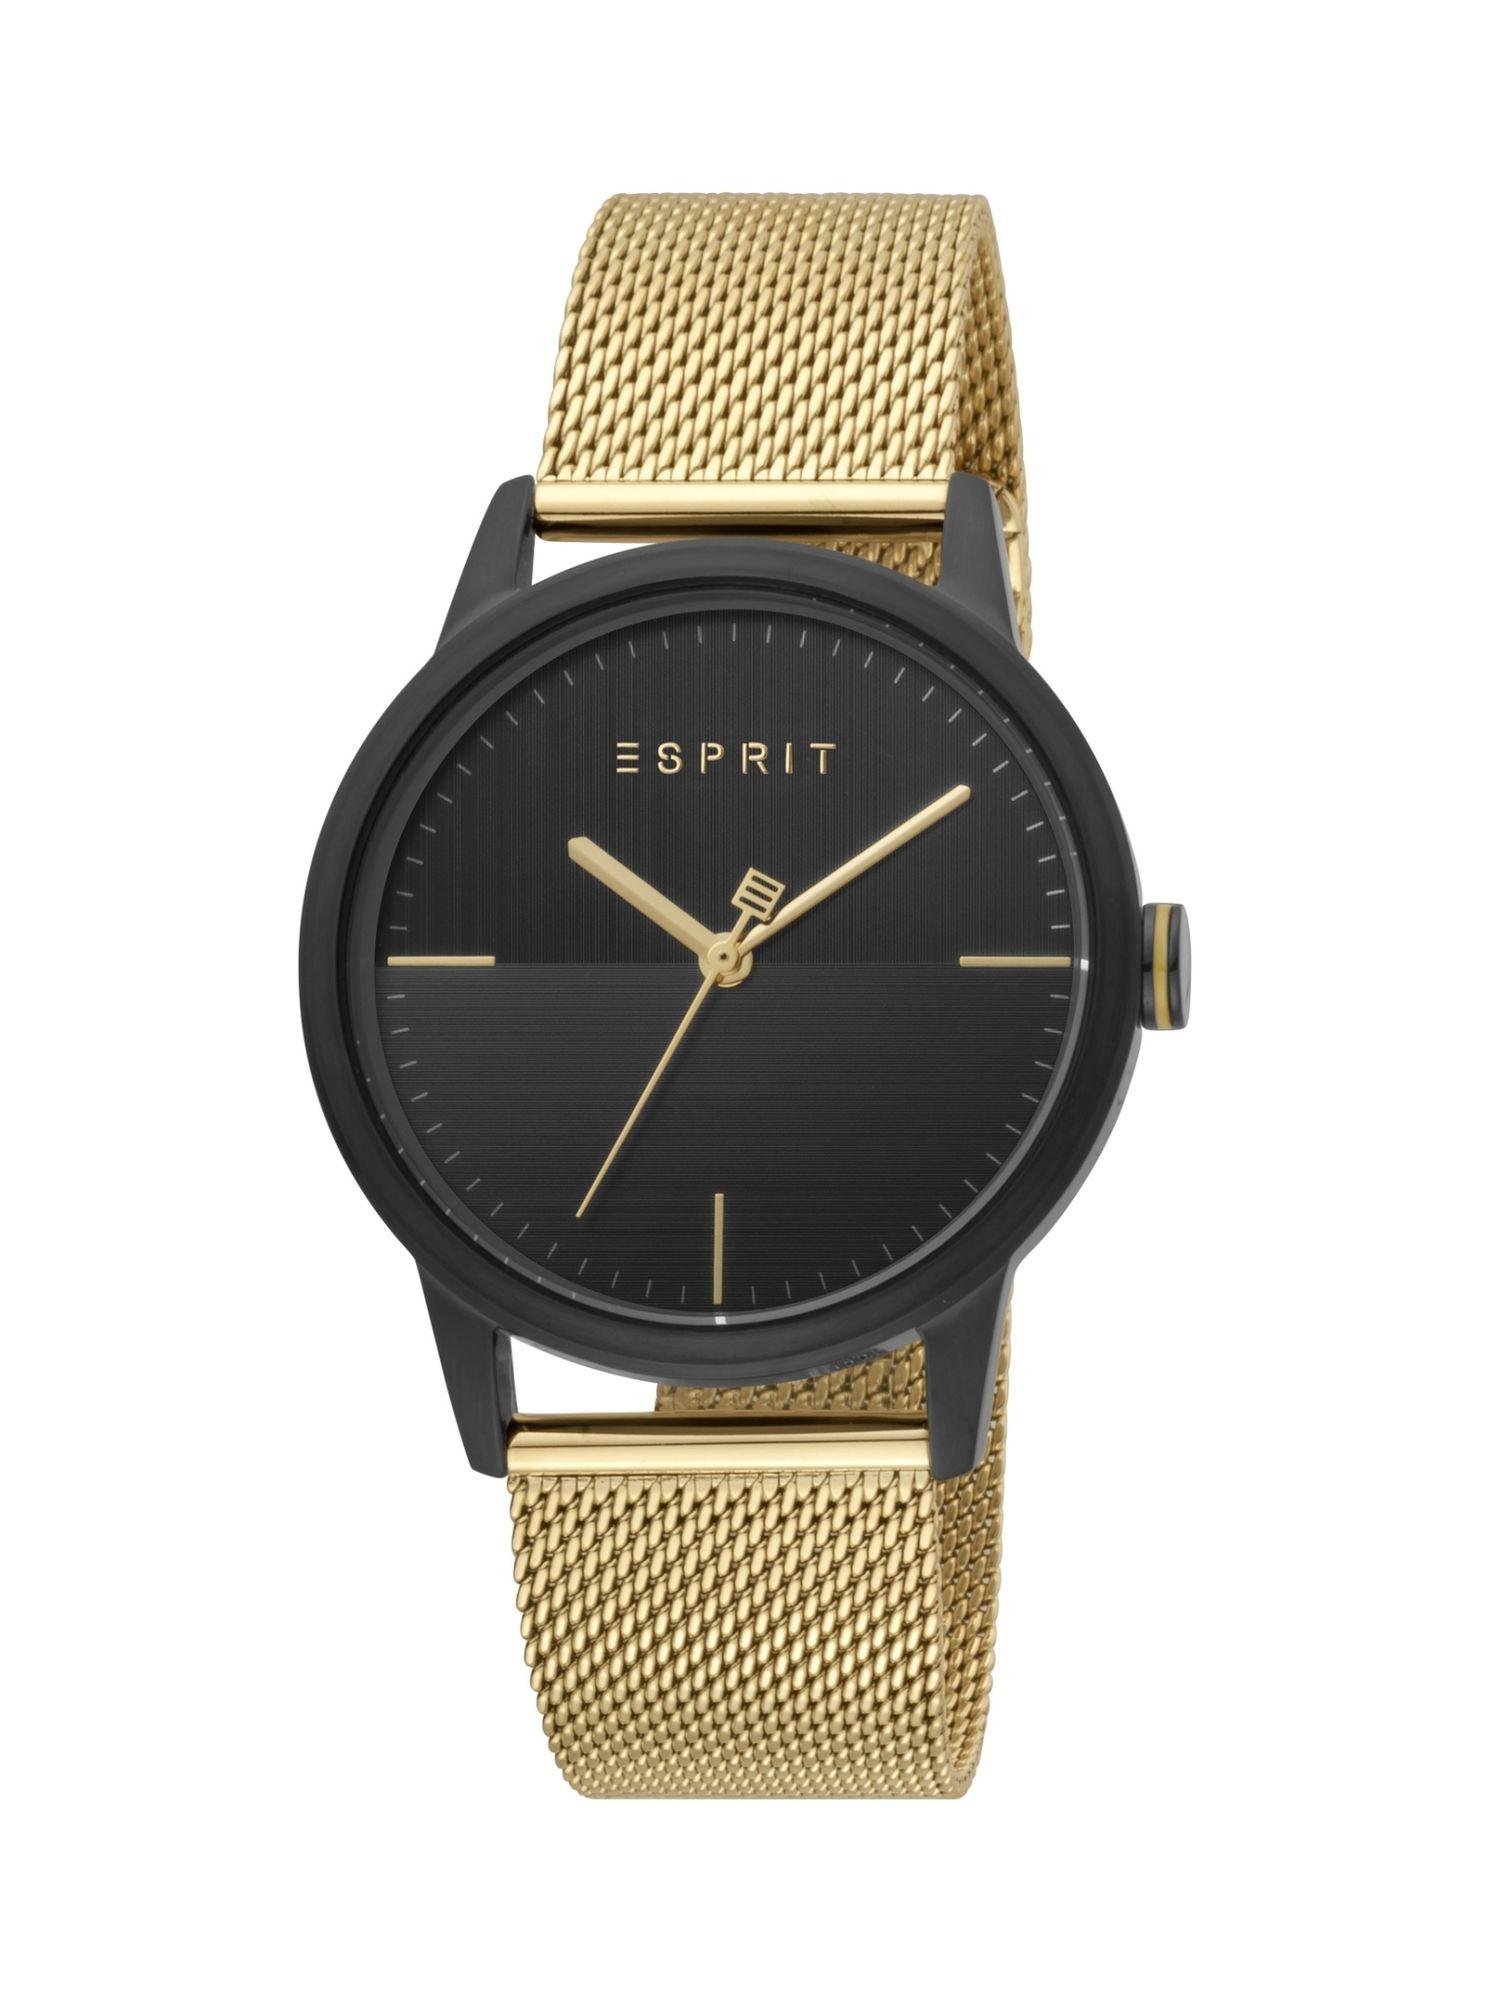 Esprit ES1G109M0105 Classy Uhr Herrenuhr Edelstahl Gold